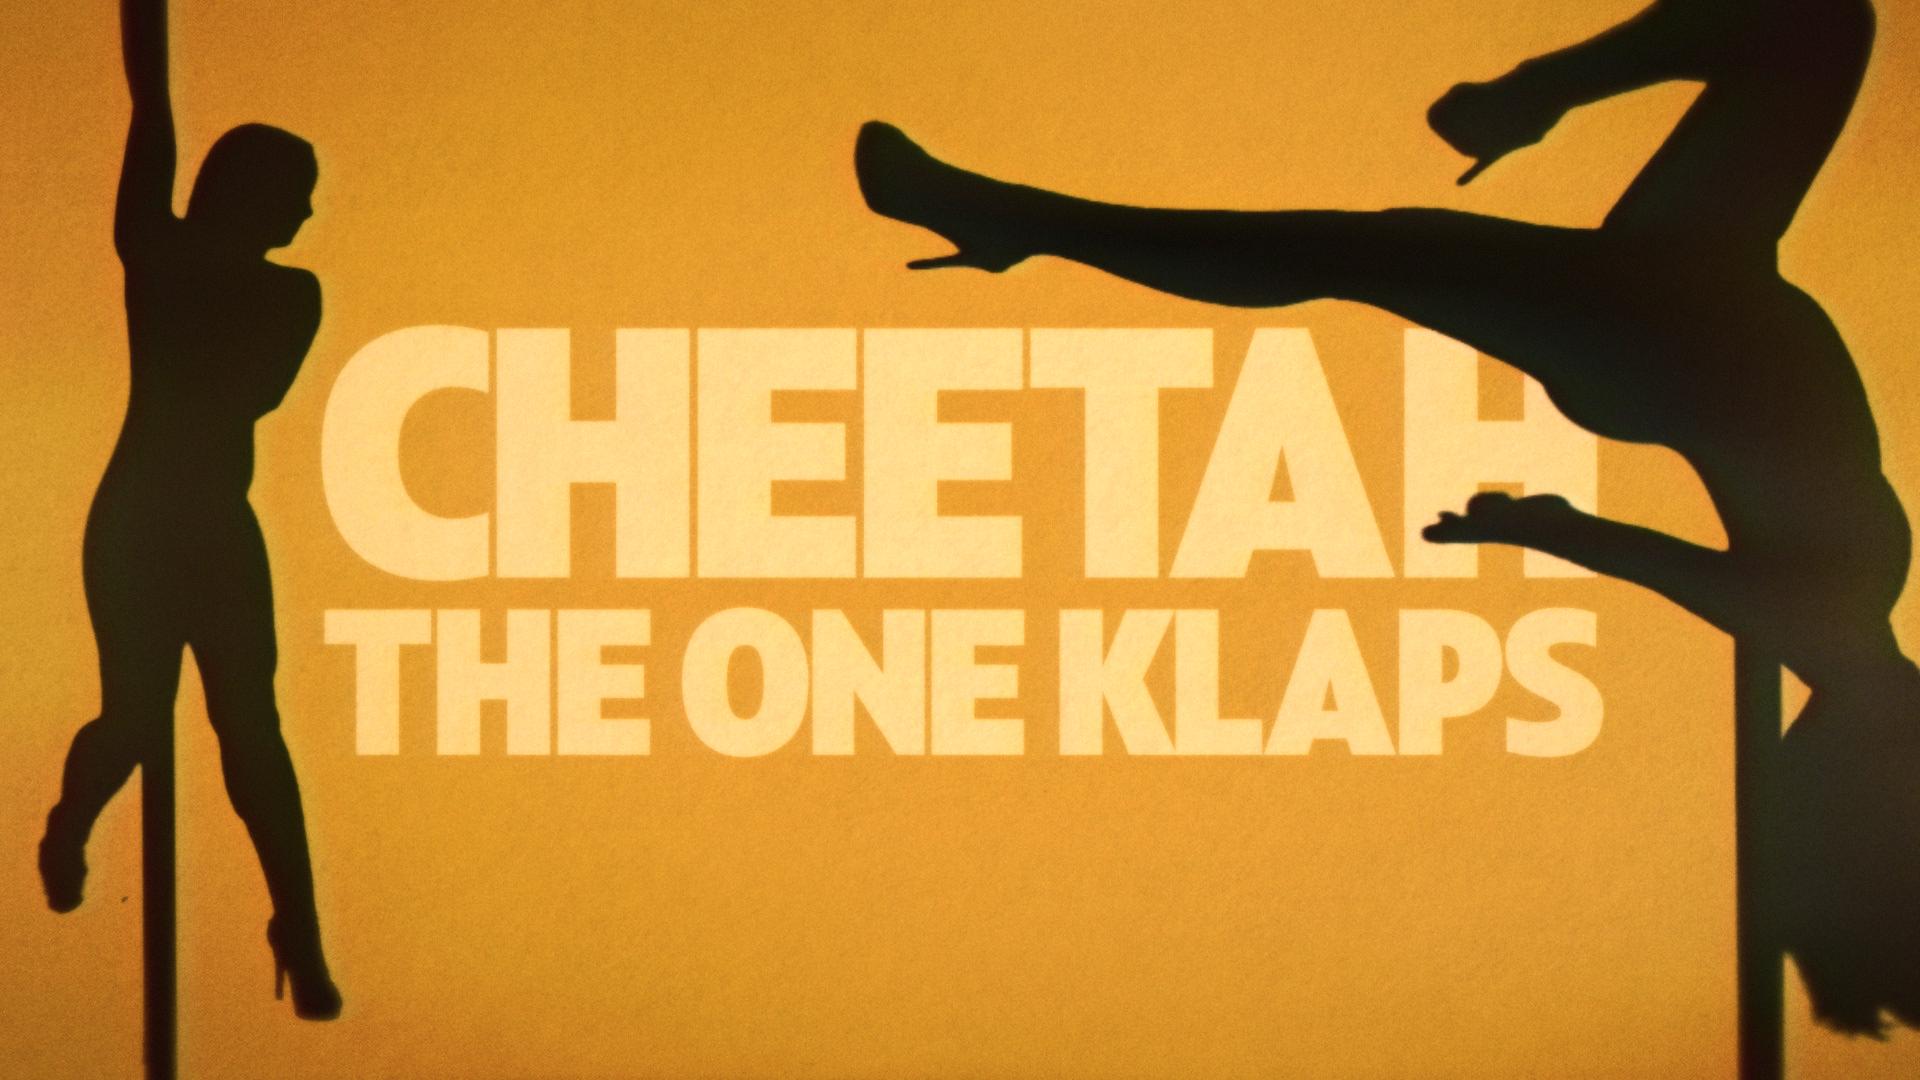 The One Klaps - Cheetah, Atelier Graphique, Genève